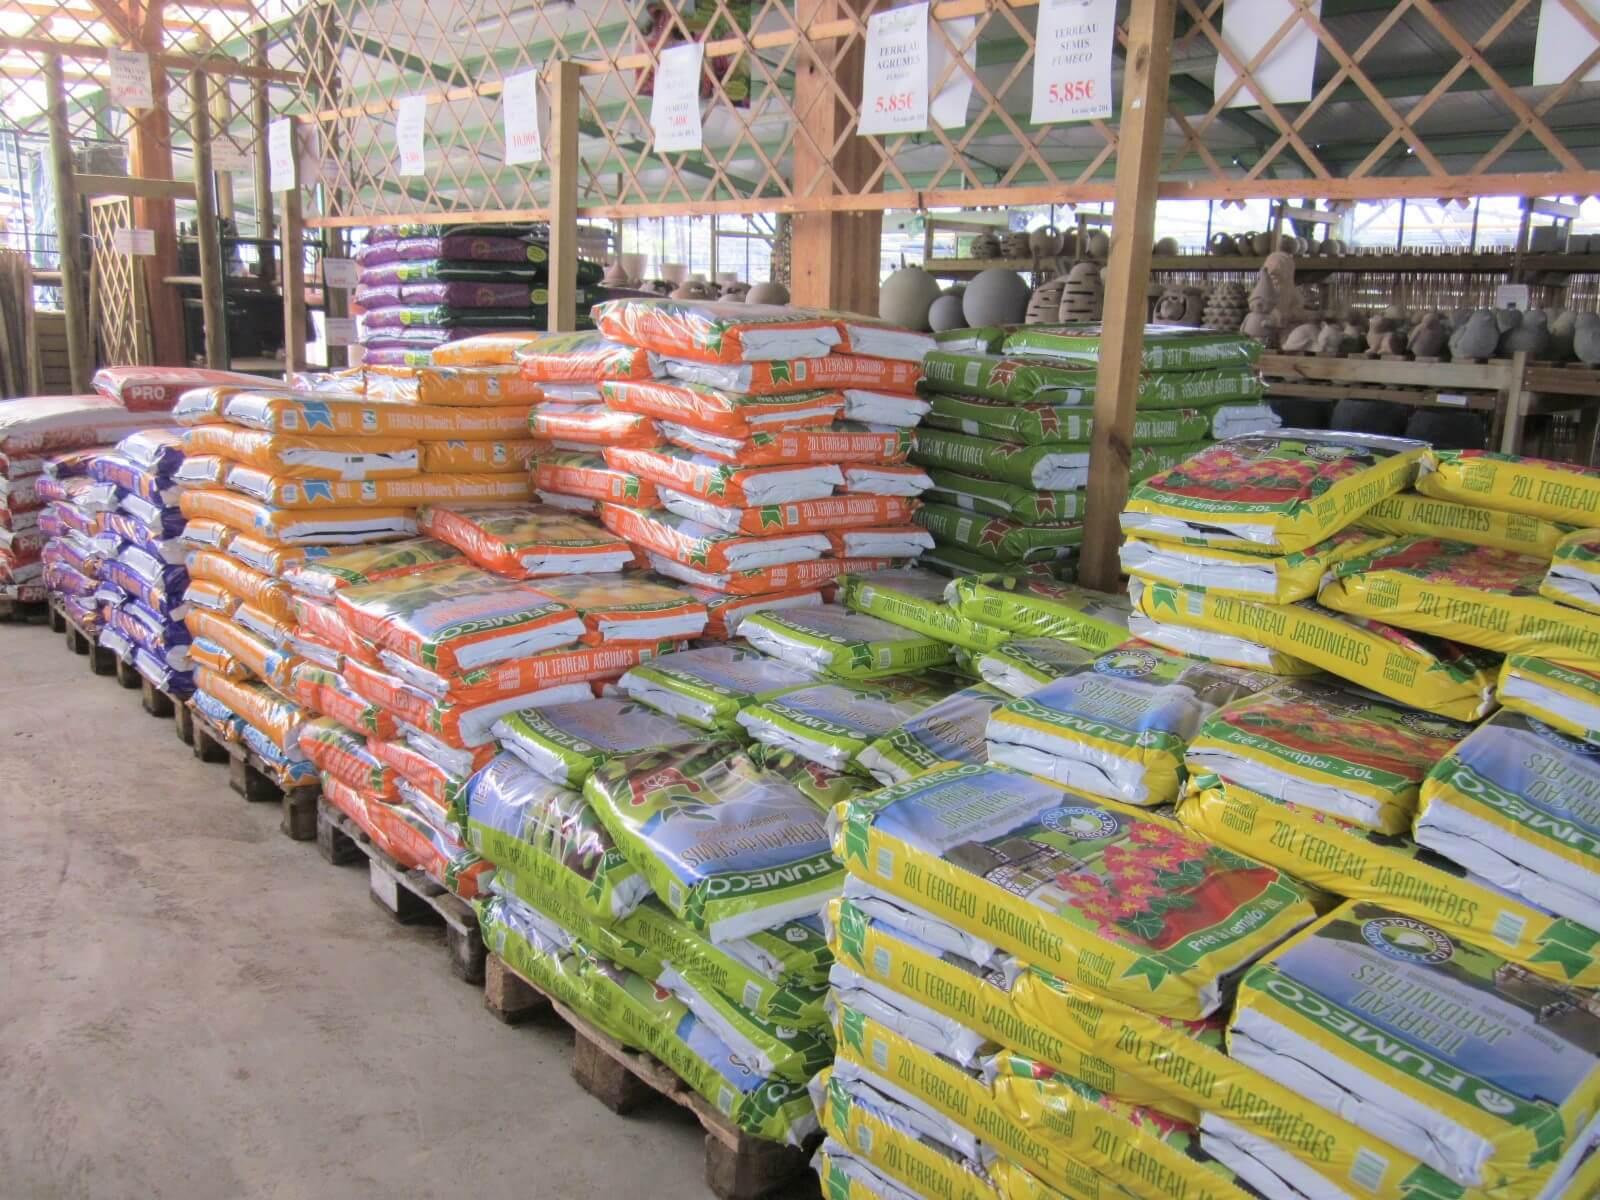 outils pour l'entretien du jardin : terreaux, engrais, soins des